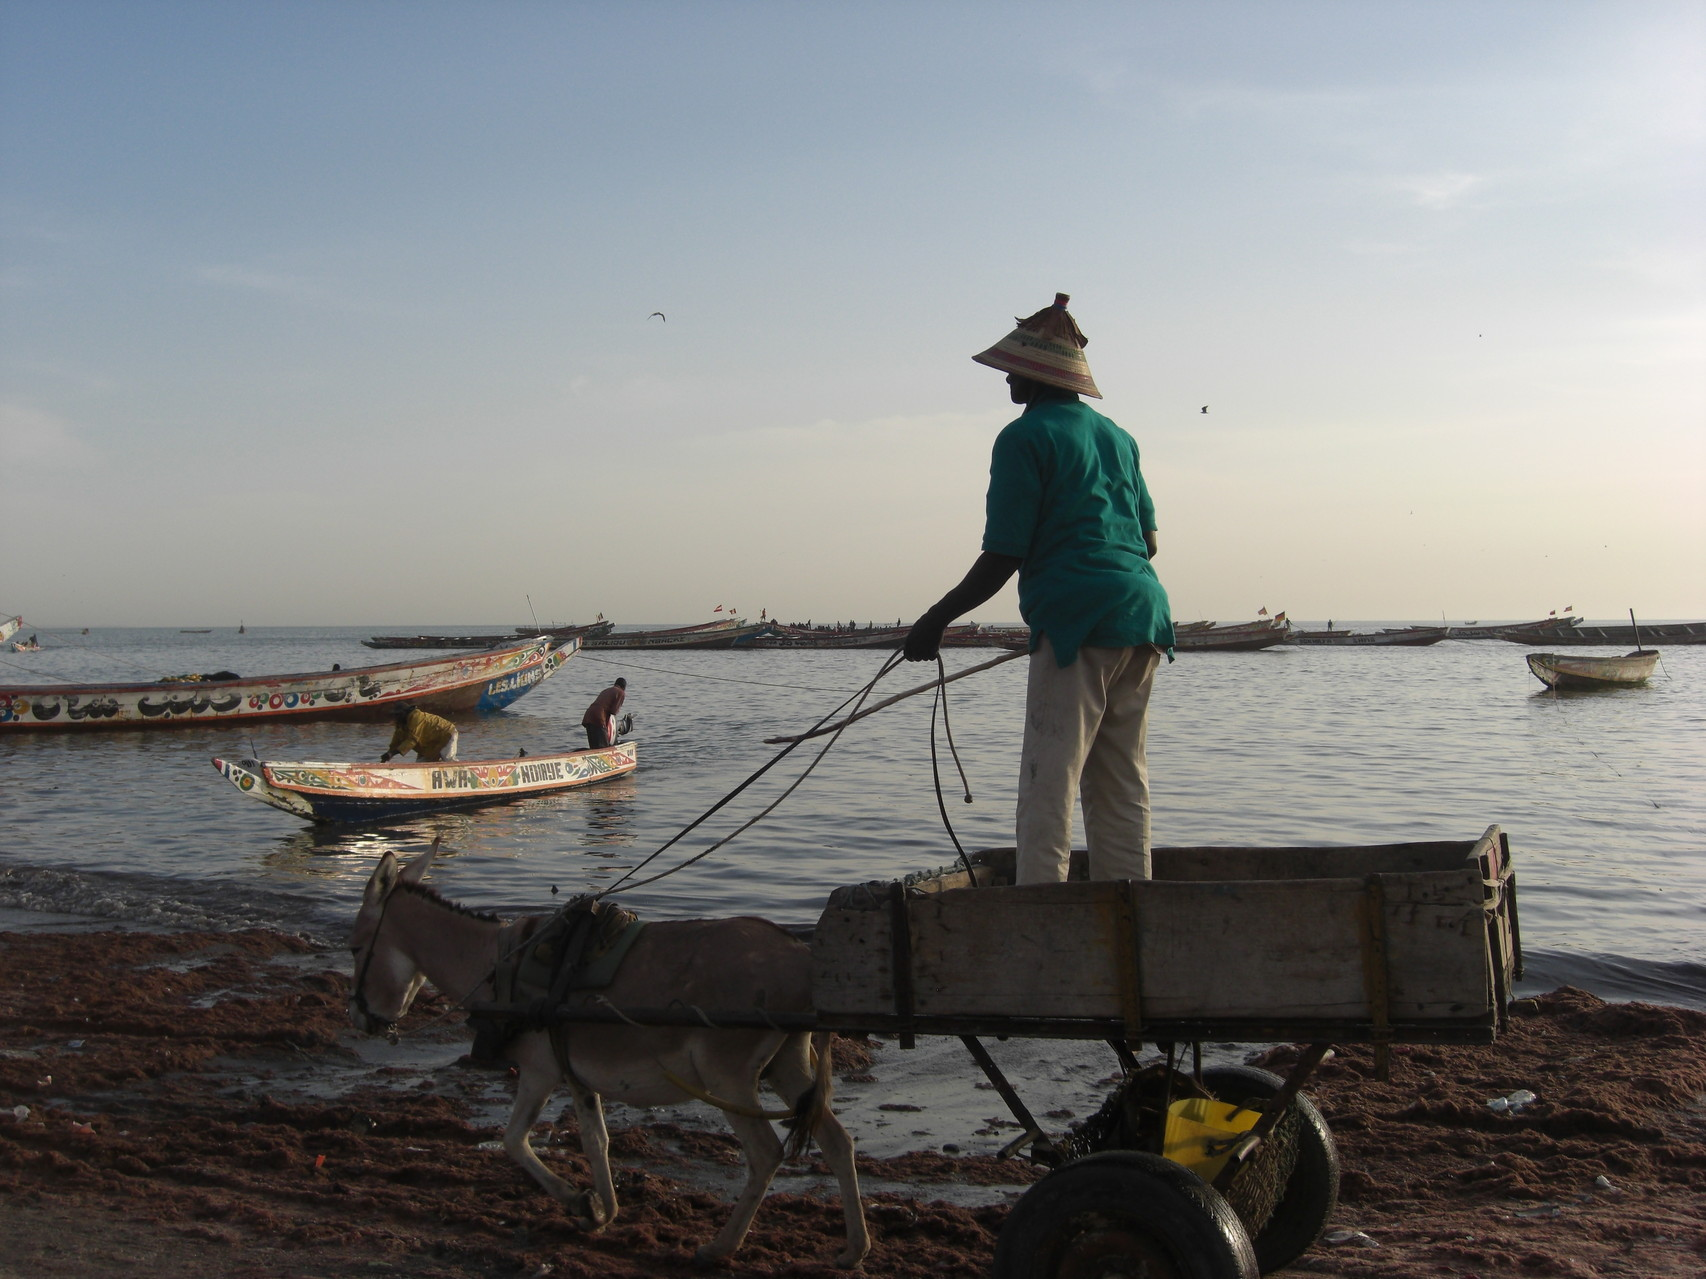 Livreur de poisson, en route pour le marché !